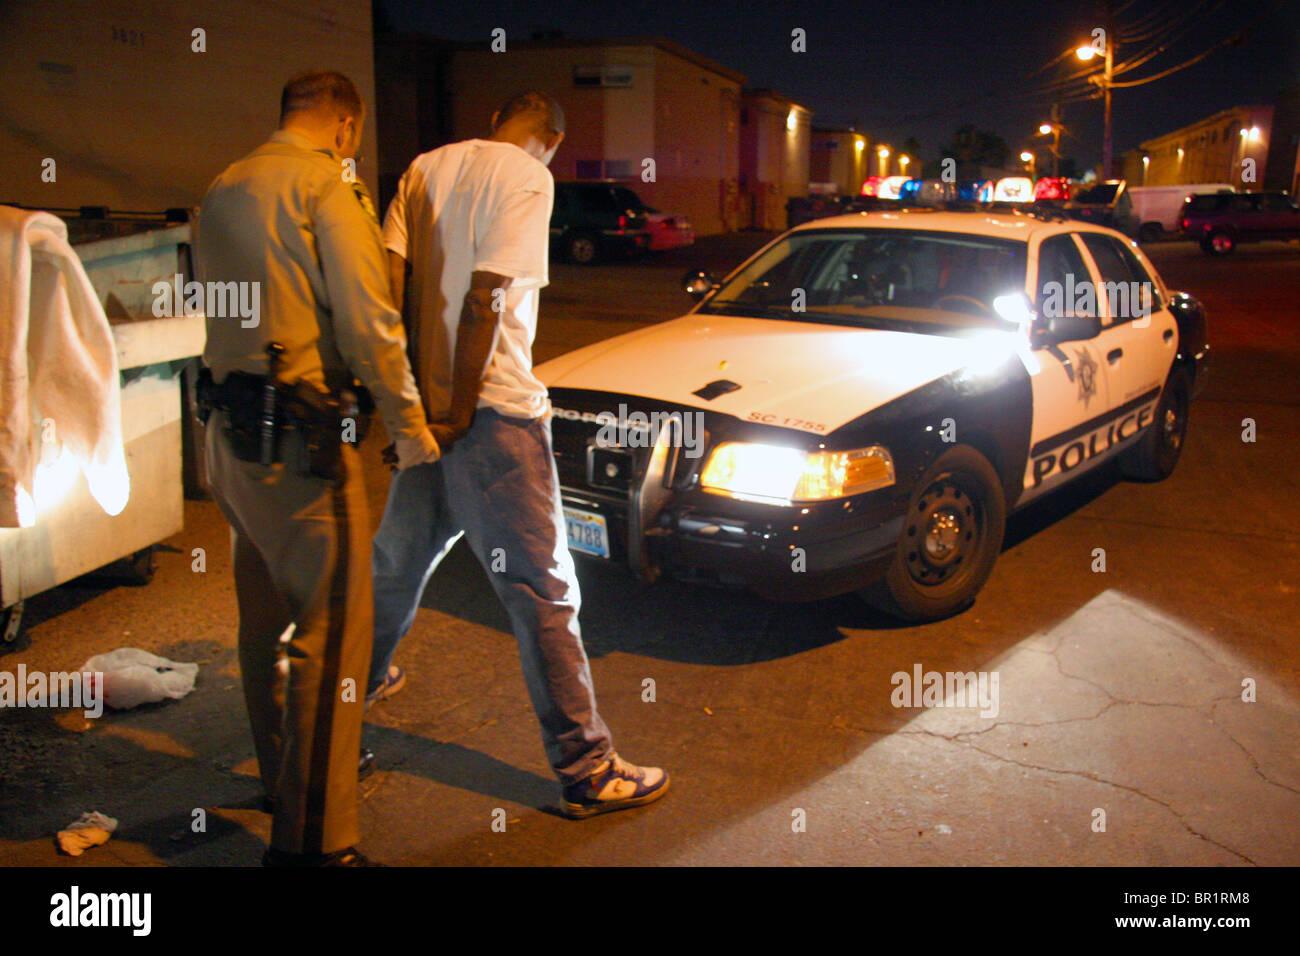 Polizist in Las Vegas Handschellen einen schwarzen Mann in einer Gasse in der Nacht. Stockbild